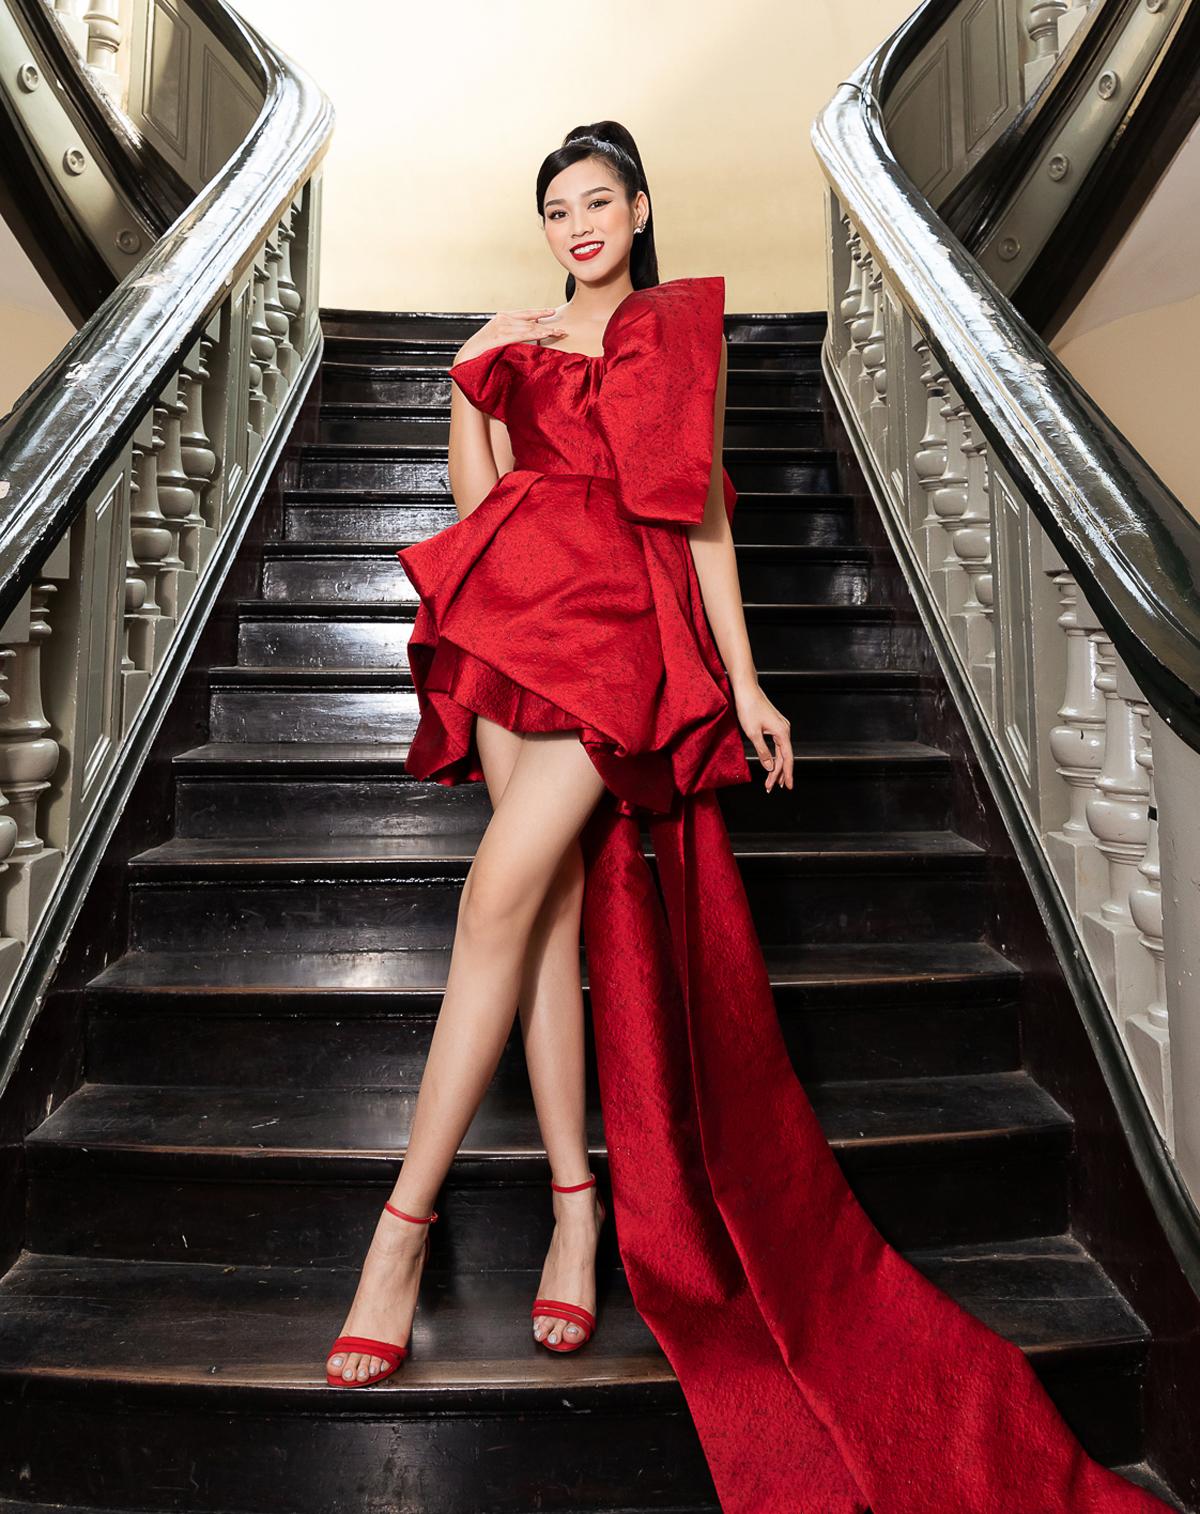 Hoa hậu Việt Nam 2020 Đỗ Thị Hà khoe đôi chân dài 1,11 m trứ danh cùng chiếc váy ngắn, phía sau có tà dài xếp nếp cầu kỳ.